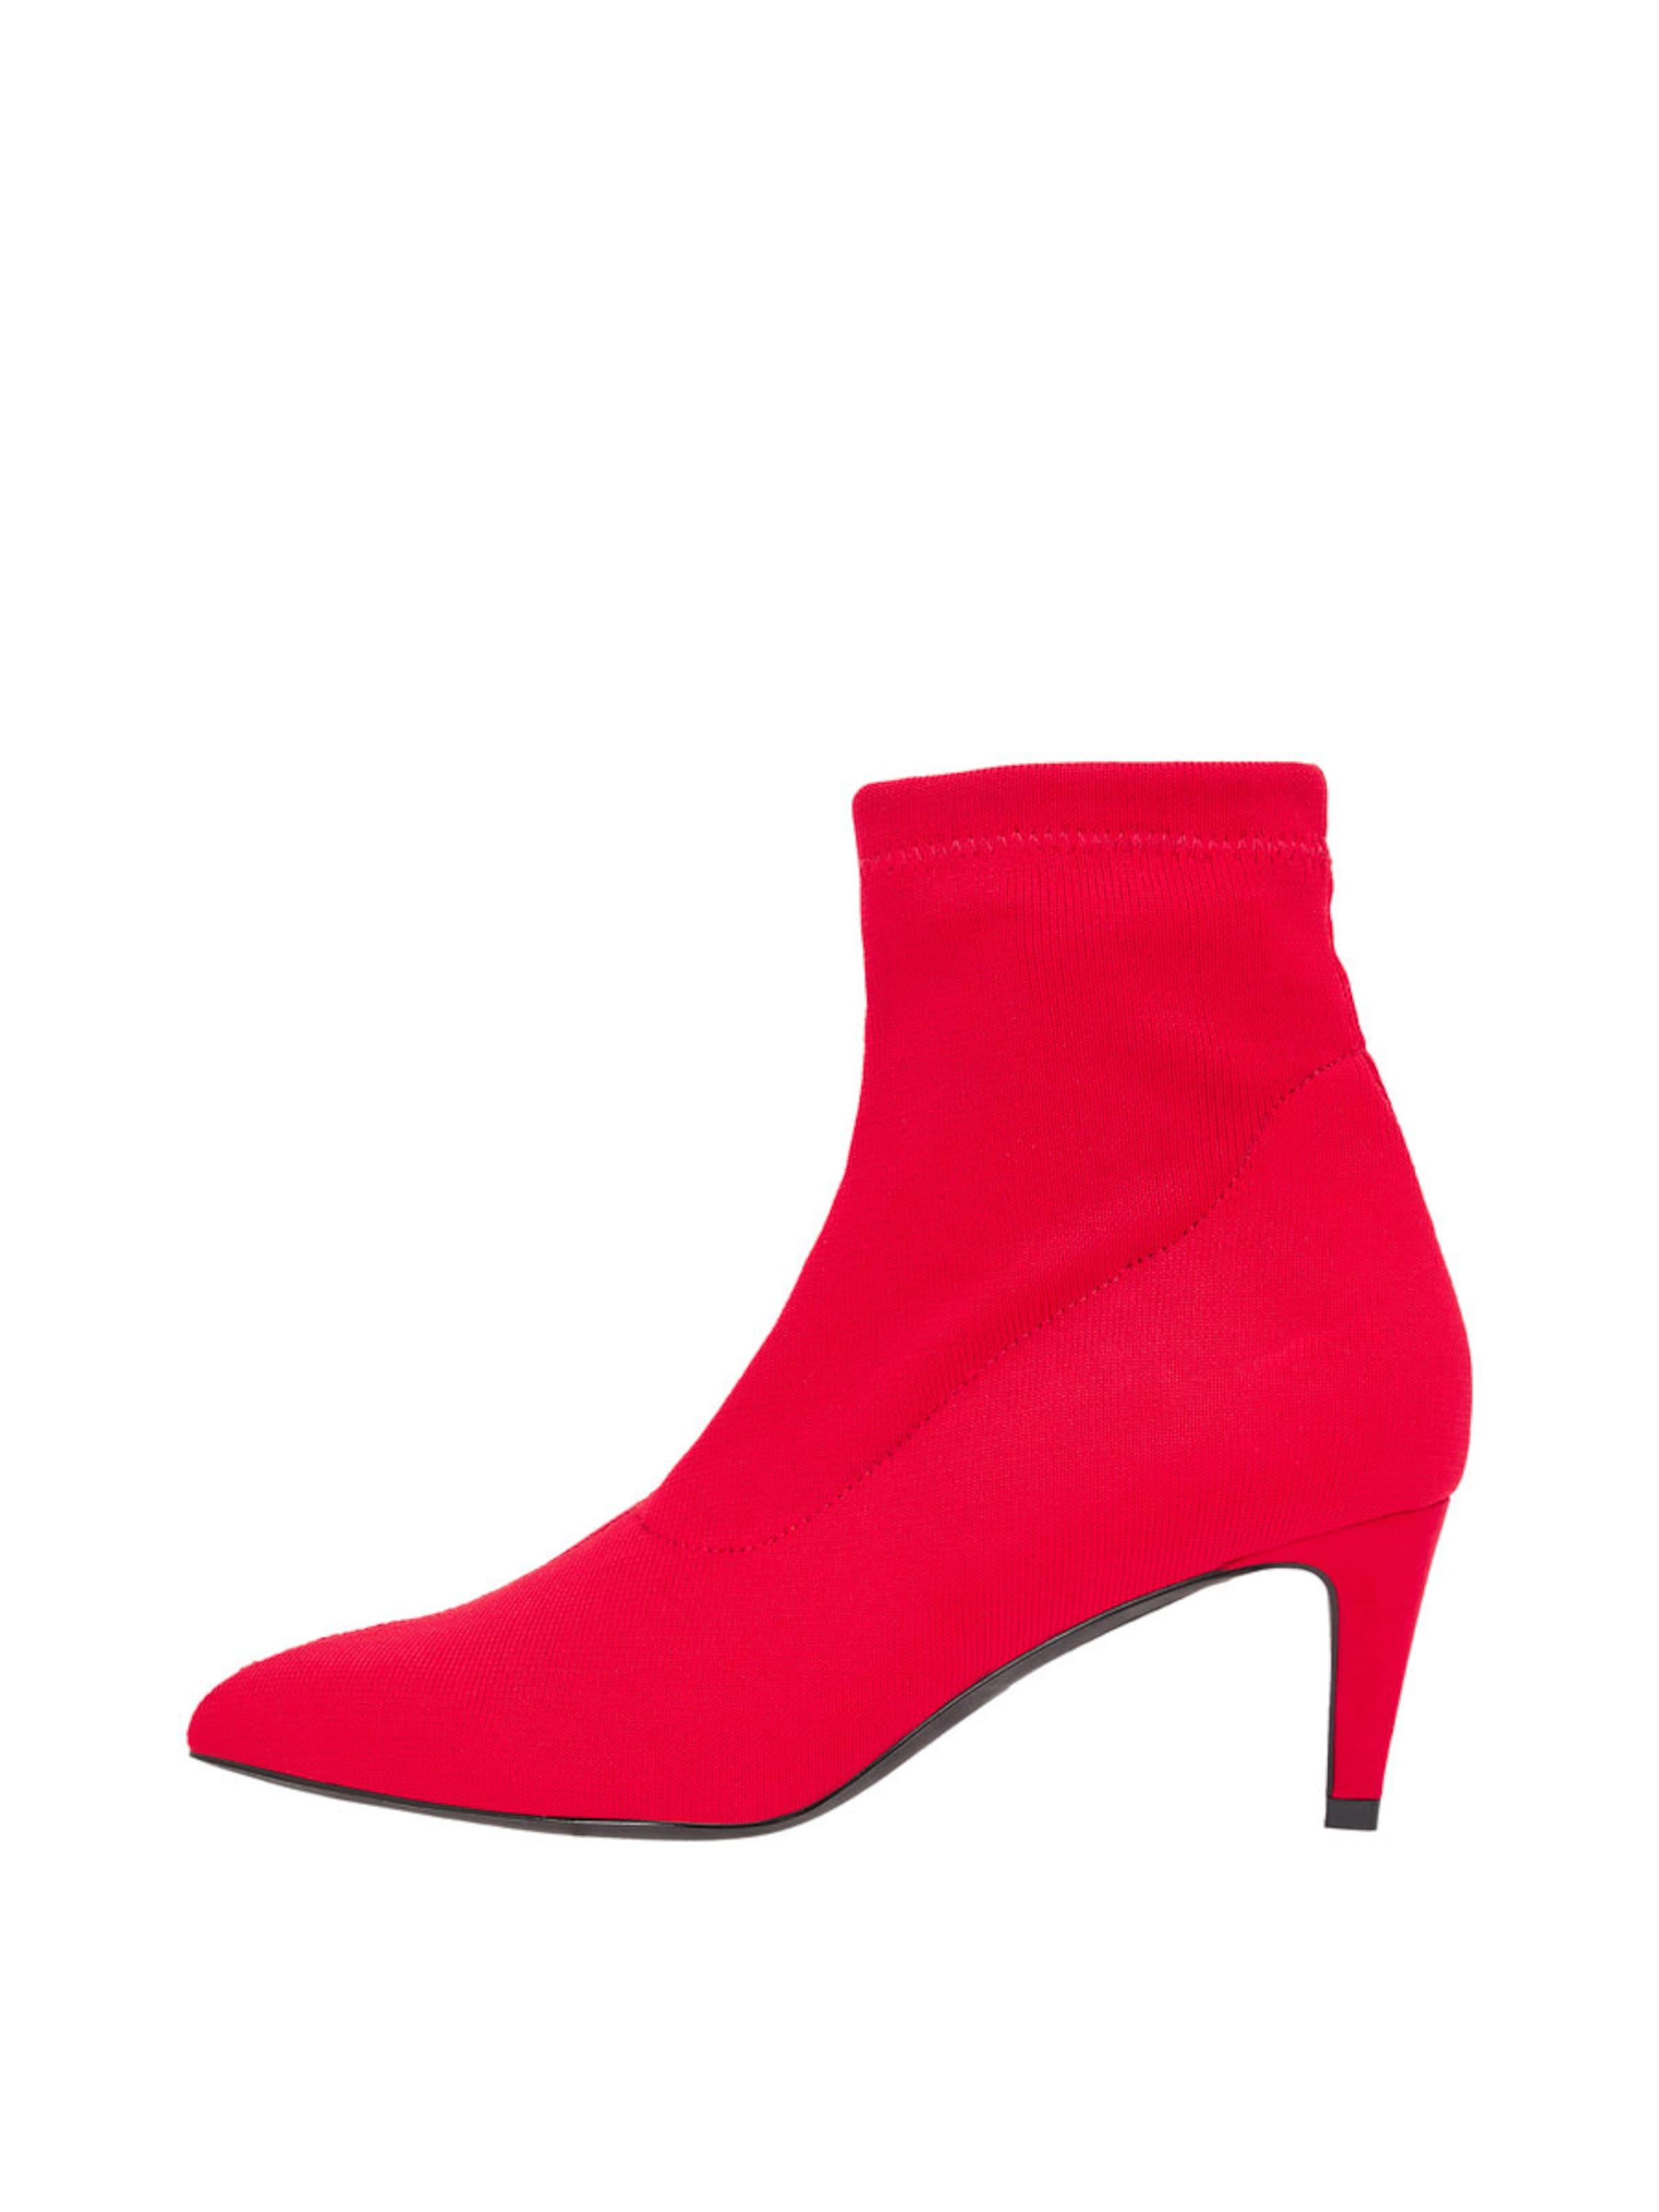 VERO MODA Boots Günstige und langlebige Schuhe